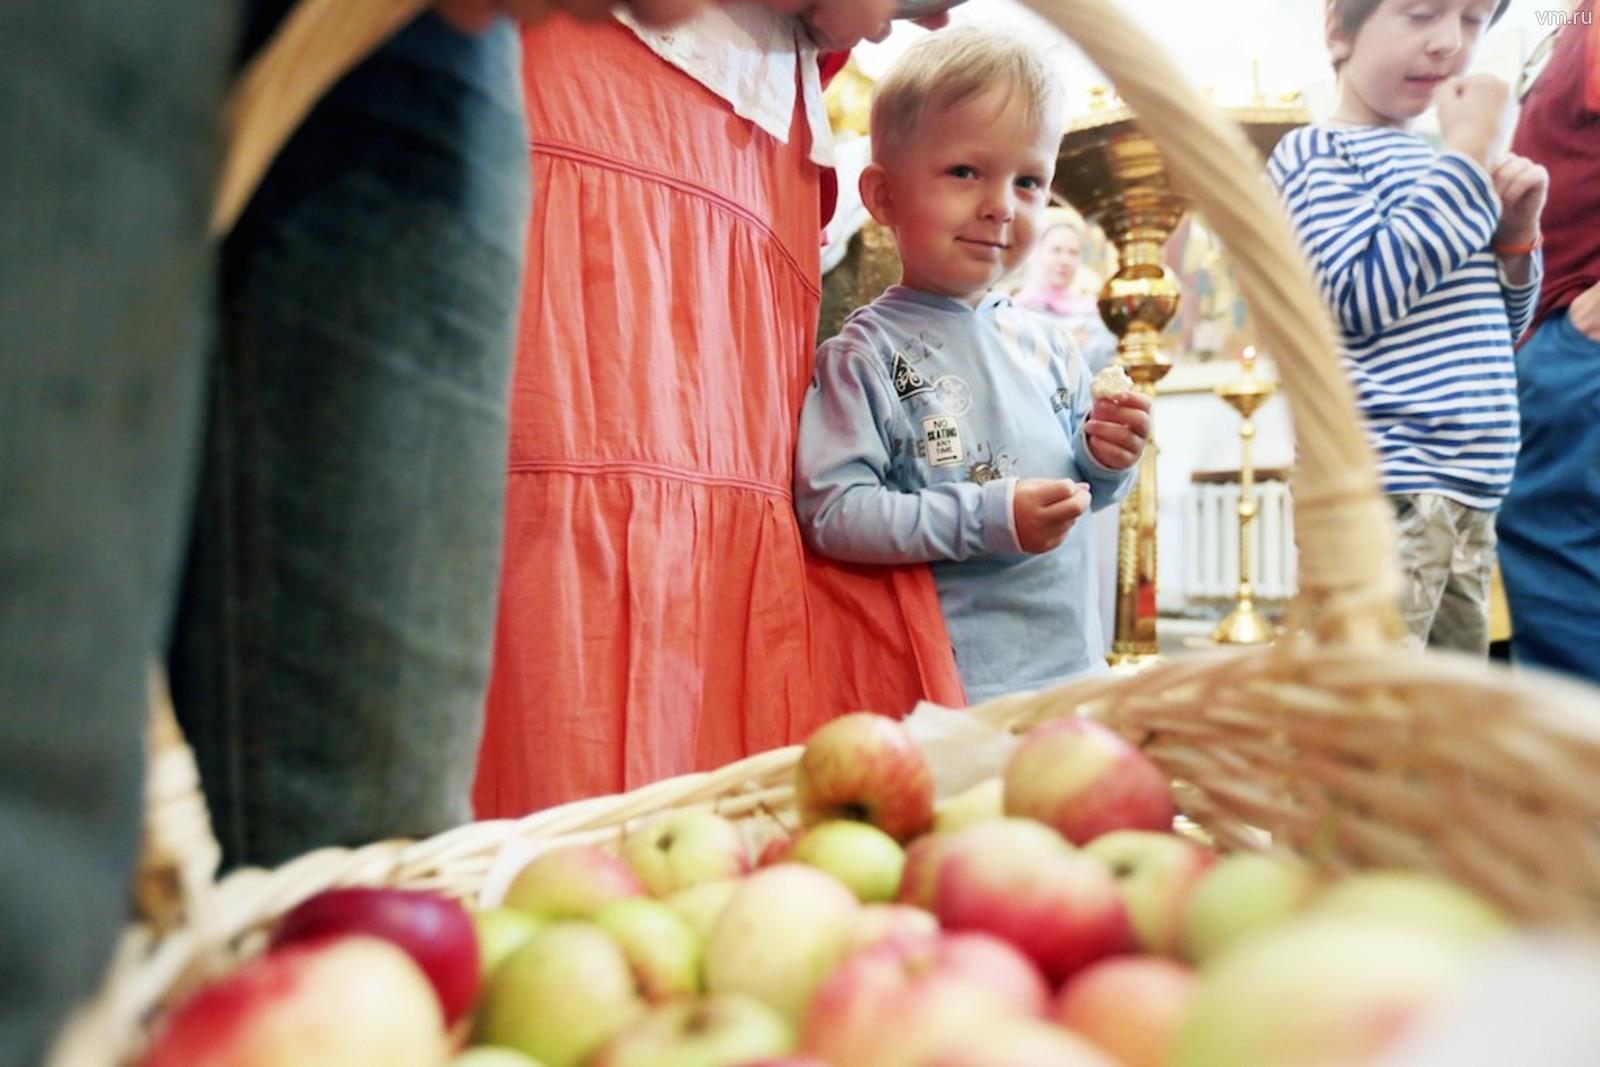 """На гастрономическом фестивале гостей порадуют пятью тоннами яблок 26 различных сортов / Анна Иванцова, """"Вечерняя Москва"""""""